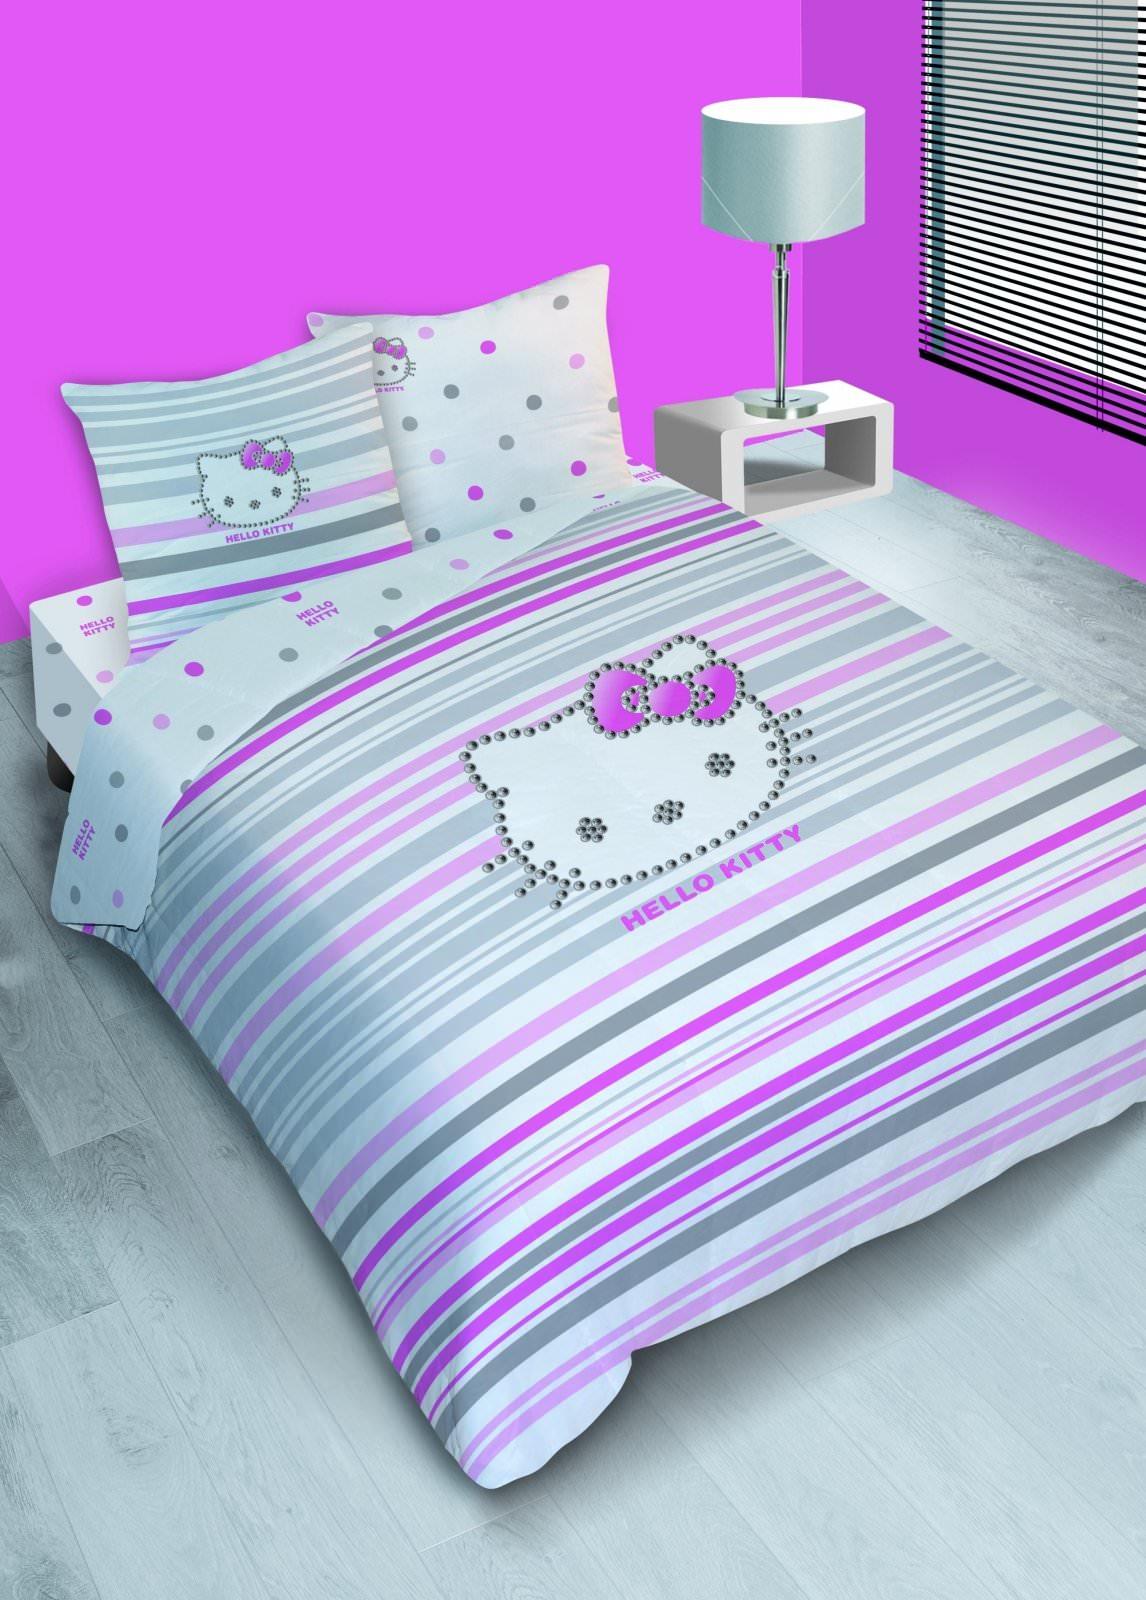 housse de couette hello kitty 140 x 200 cm parure de lit strass decokids. Black Bedroom Furniture Sets. Home Design Ideas